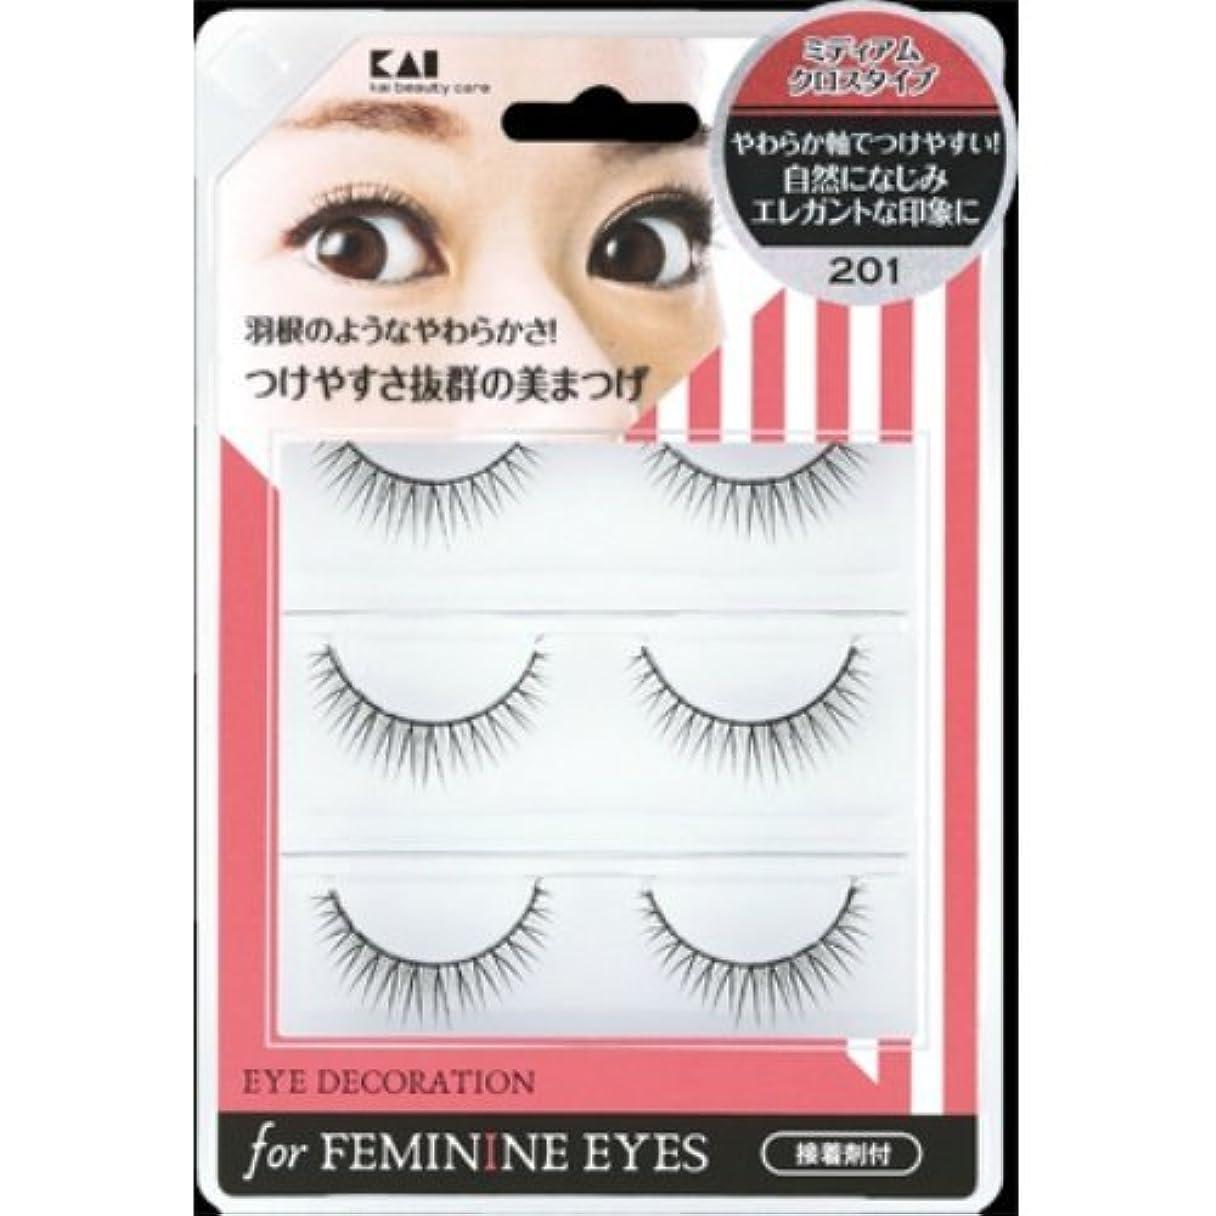 オーロック橋忌避剤貝印 アイデコレーション for feminine eyes 201 HC1558